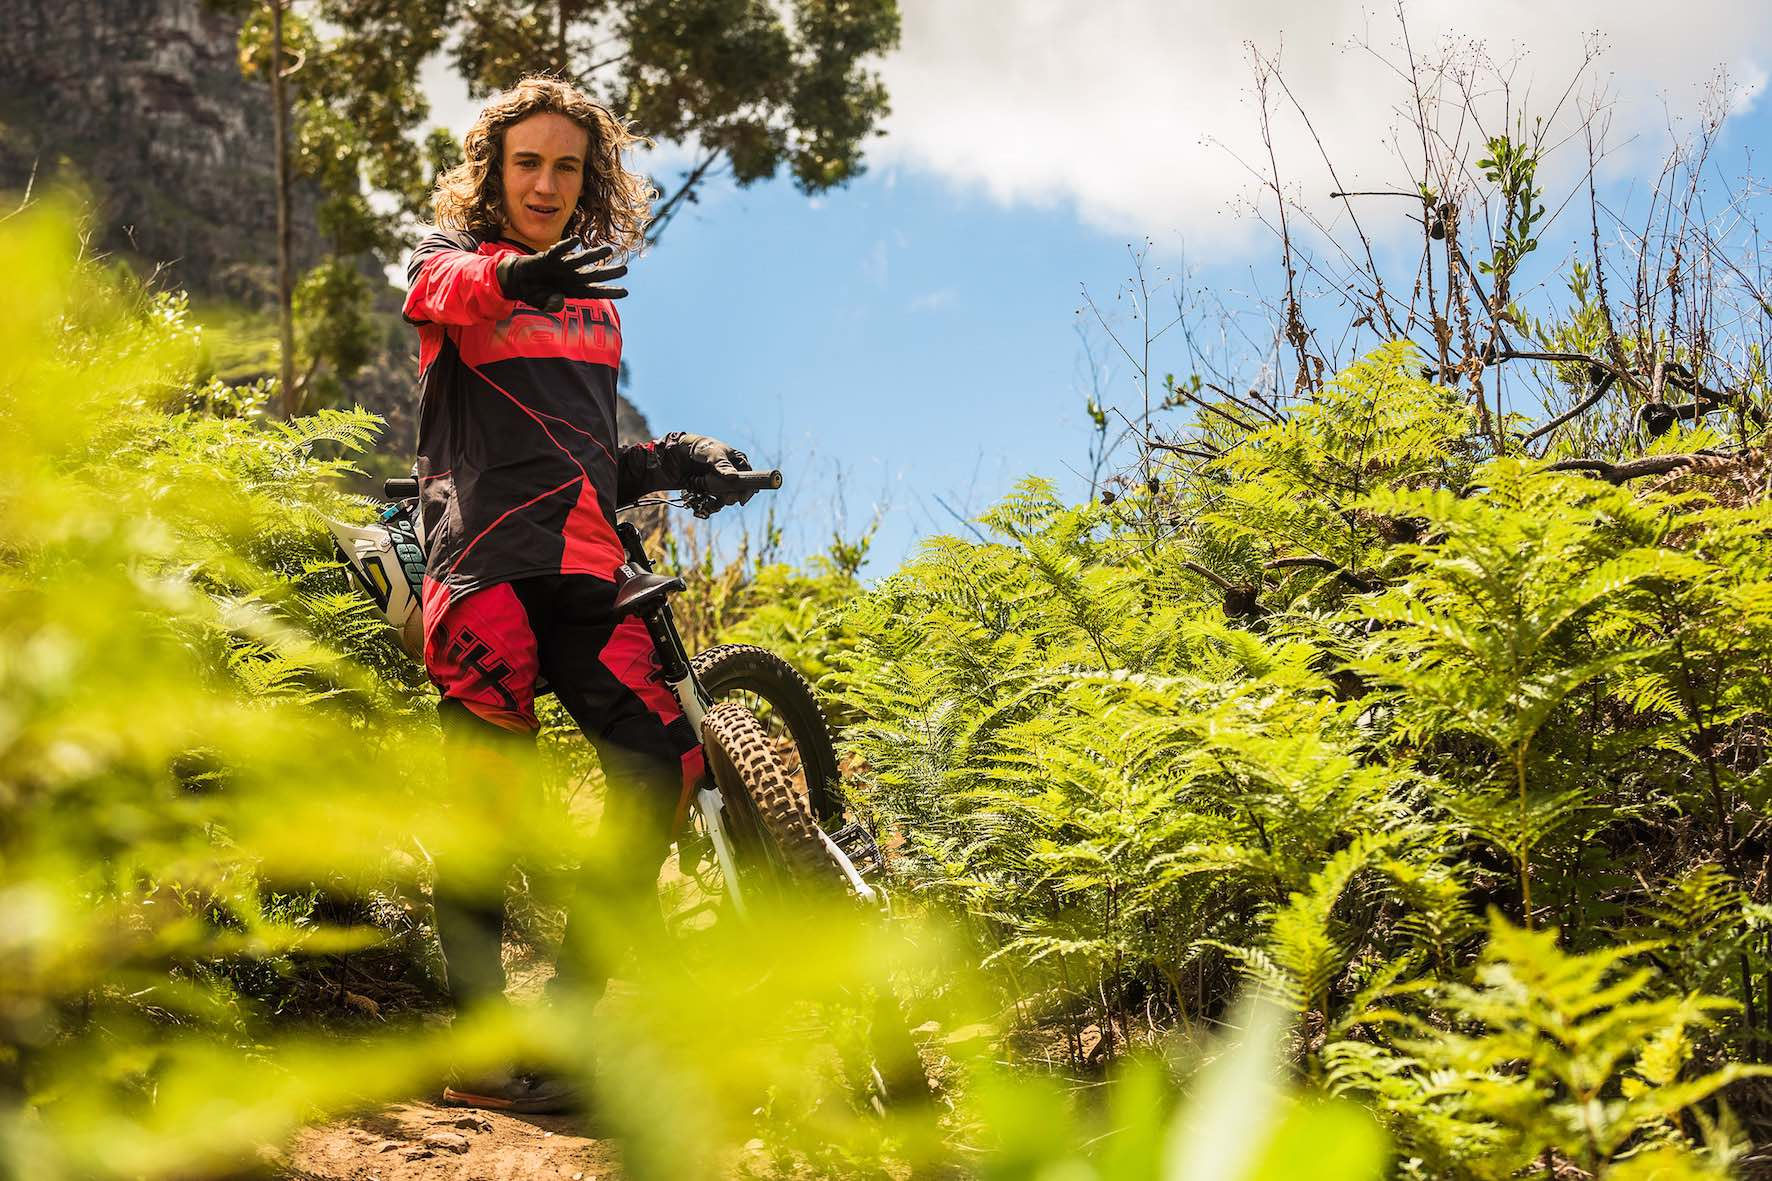 Meet Downhill MTB riders, Jasper Barrett